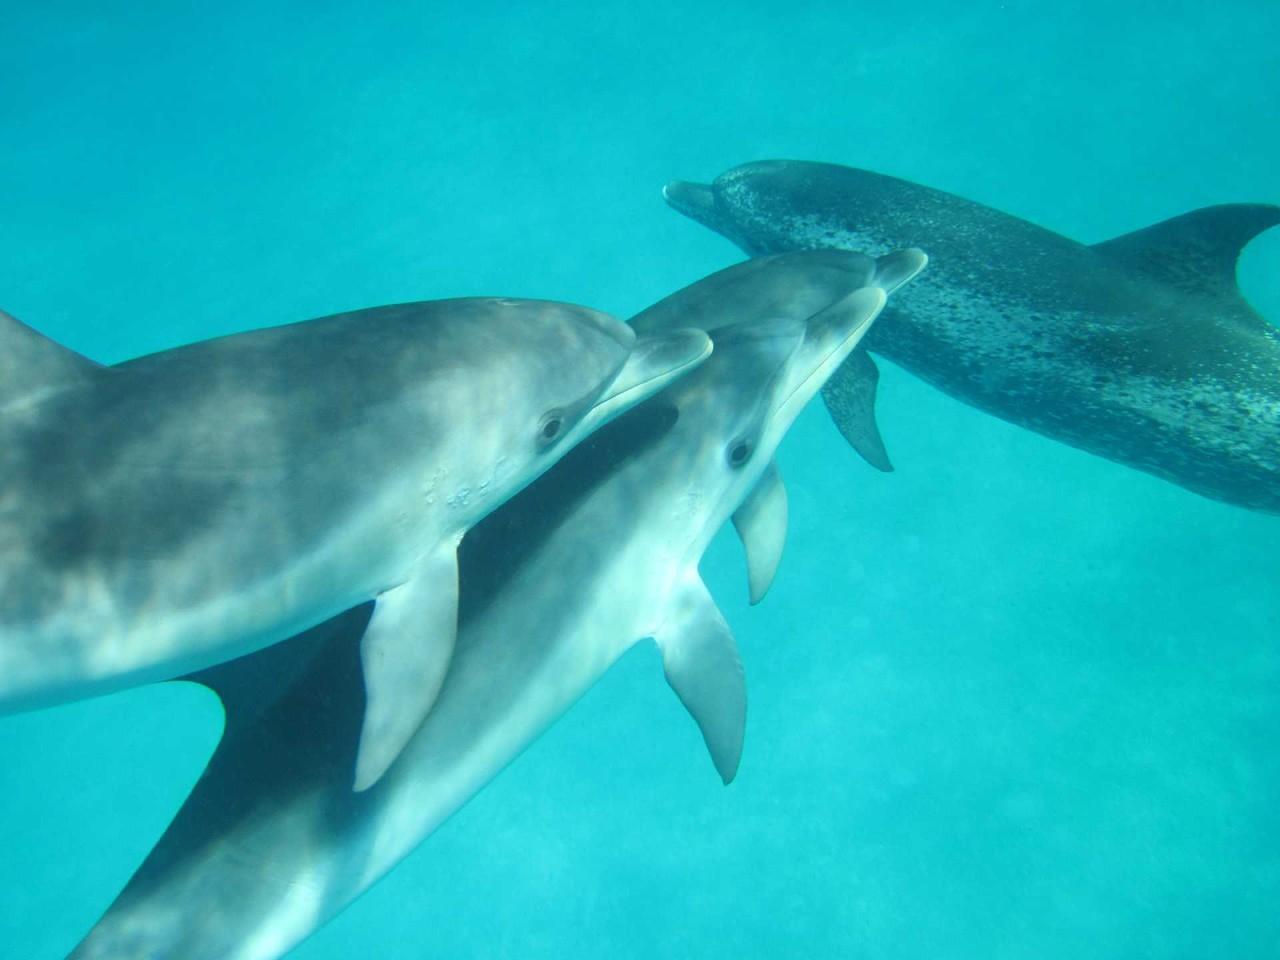 Empfangsbereich: 4er-Serie Delphine